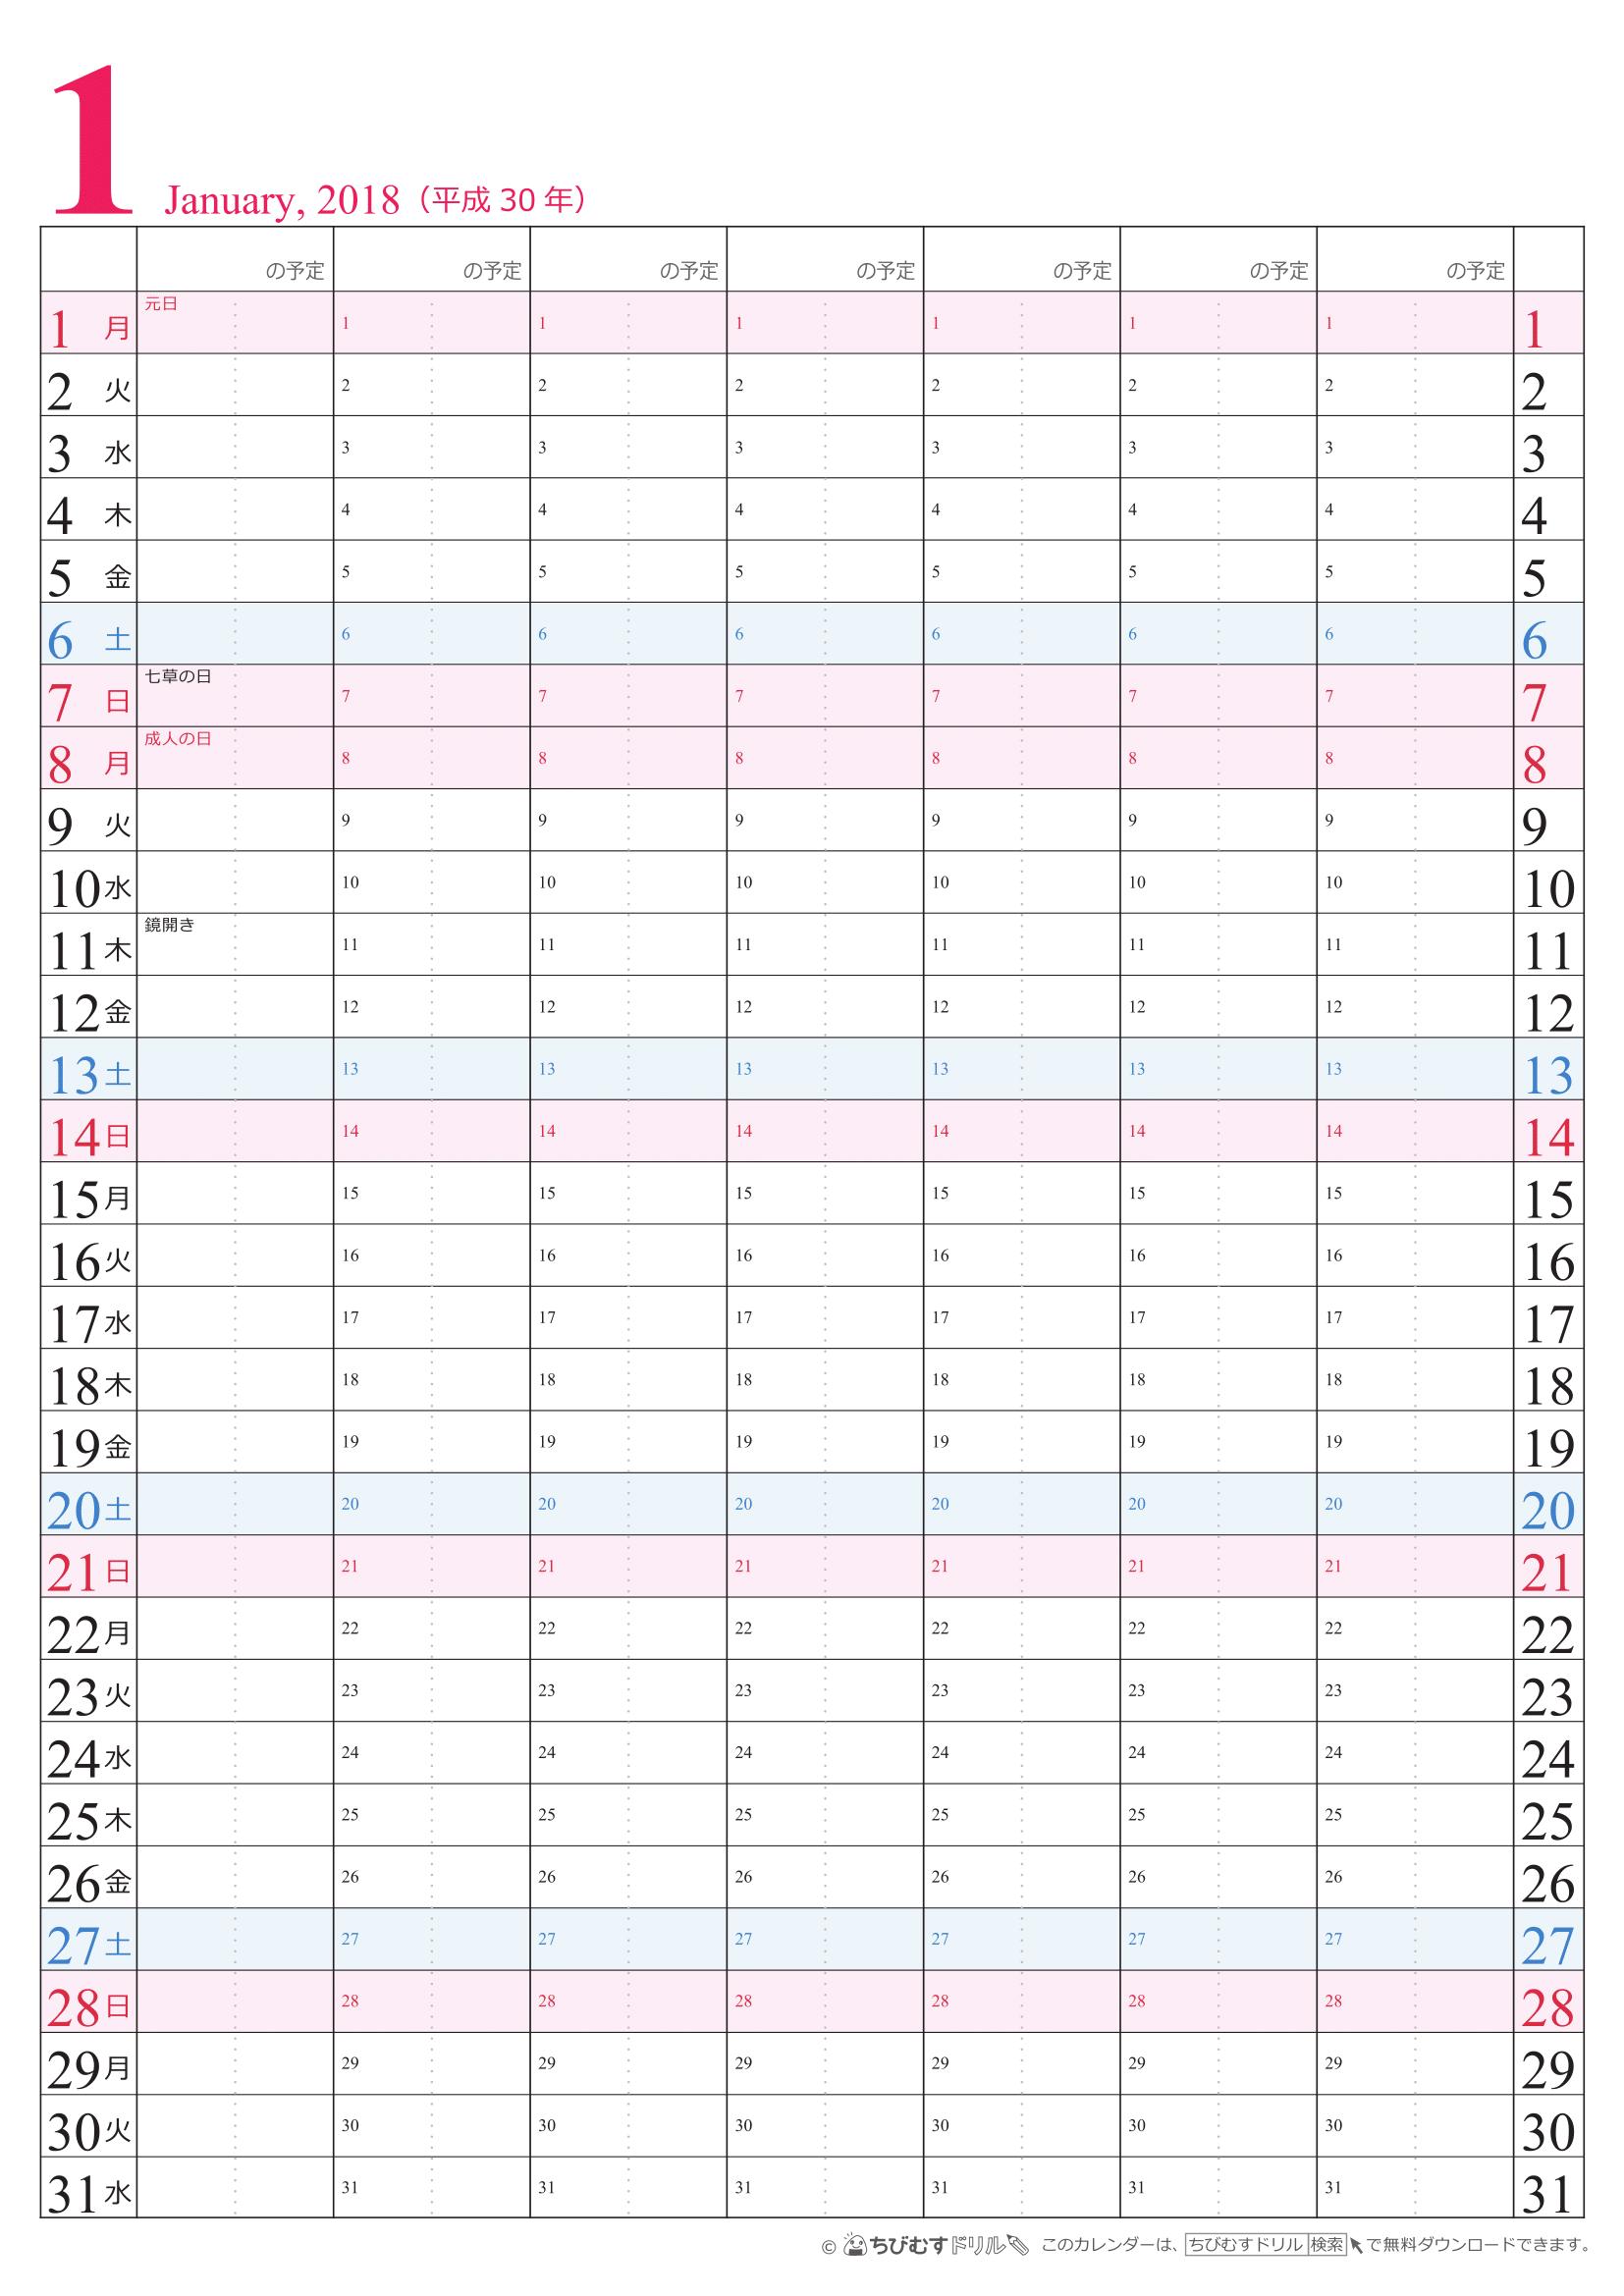 Lilac 2017(2018)年 チームメンバーカレンダー(7人用) 【シンプル】 無料ダウンロード・印刷|ちびむすカレンダー